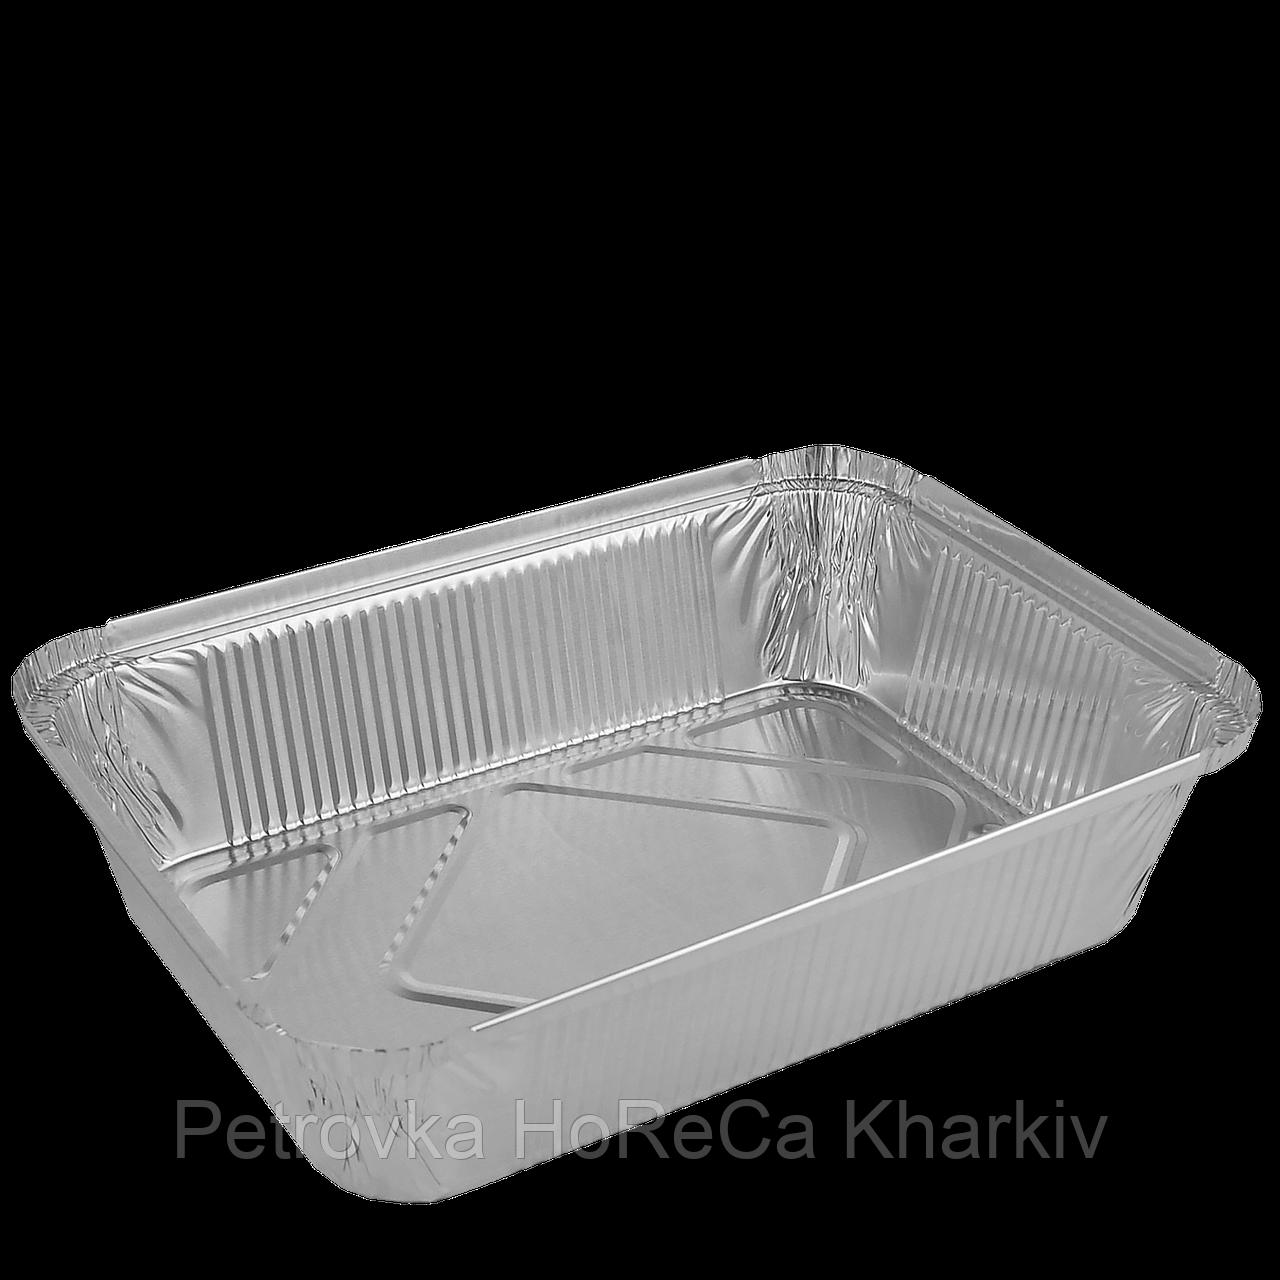 Контейнер из алюминиевой фольги. ПРЯМОУГОЛЬНЫЙ  2000мл, 255х185х53(R88L). Упаковка 50шт, (1ящ/10уп/500шт)